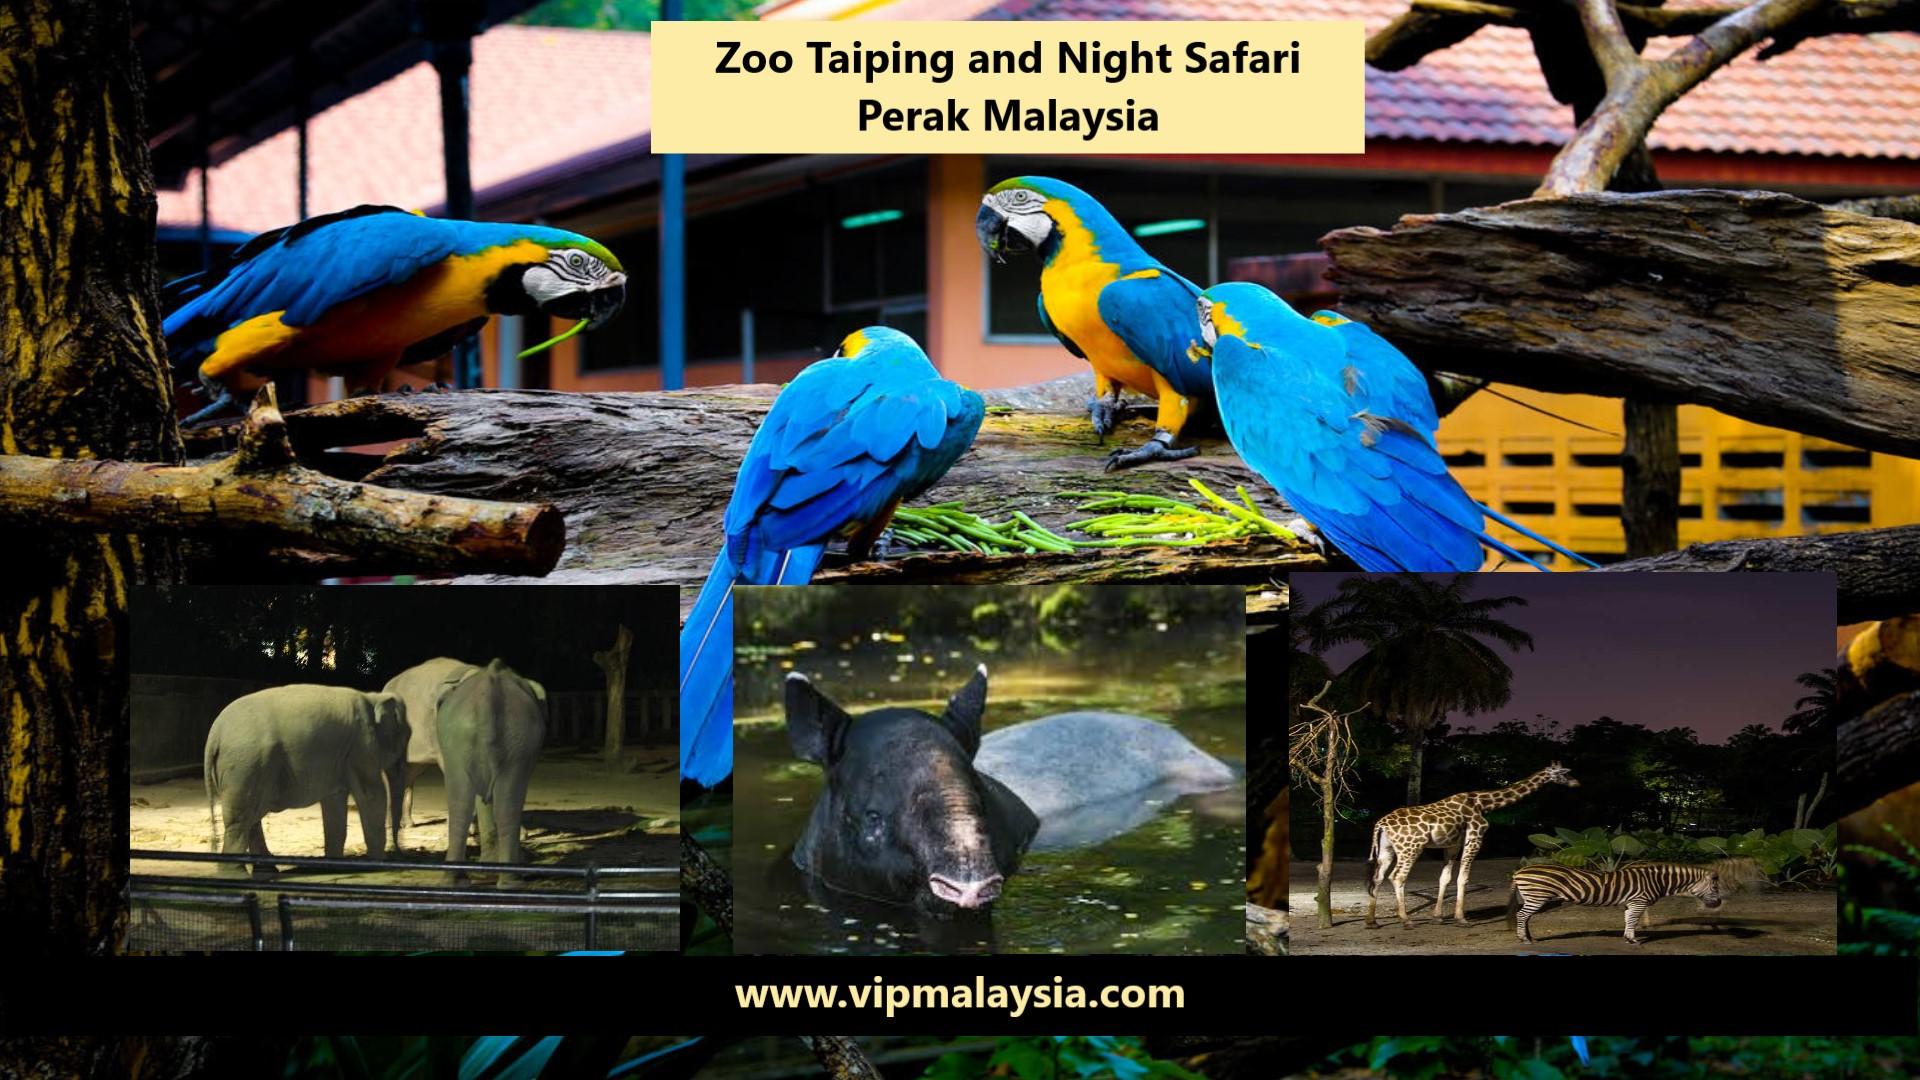 Zoo Taiping Night Safari Perak Malaysia